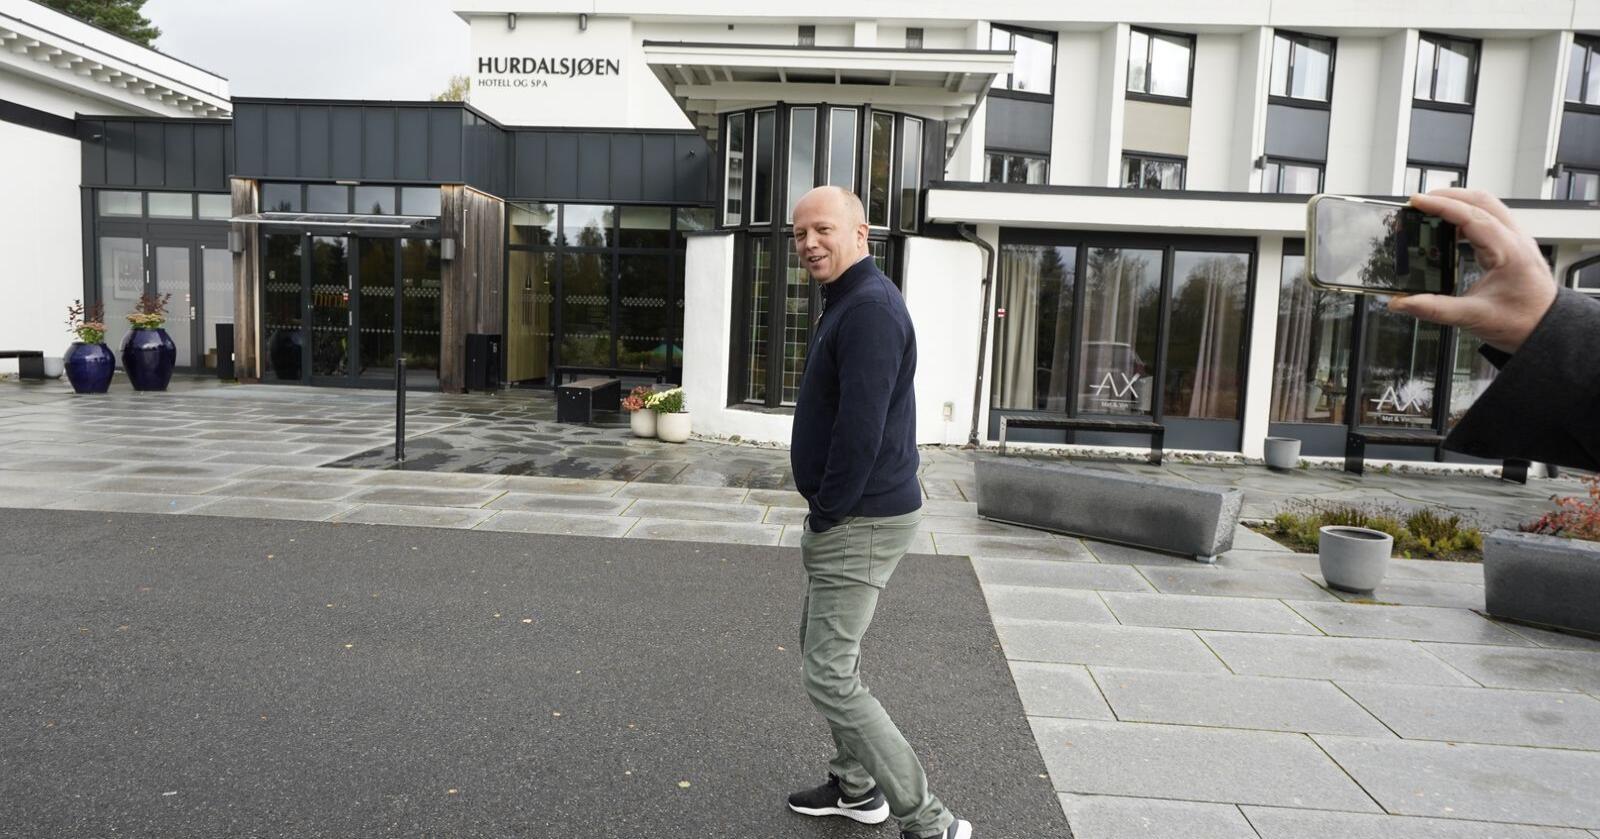 Sp-leder Trygve Slagsvold Vedum (Sp) tok seg tirsdag en luftetur utendørs under sonderingene på Hurdalsjøen Hotell. Foto: Lise Åserud / NTB